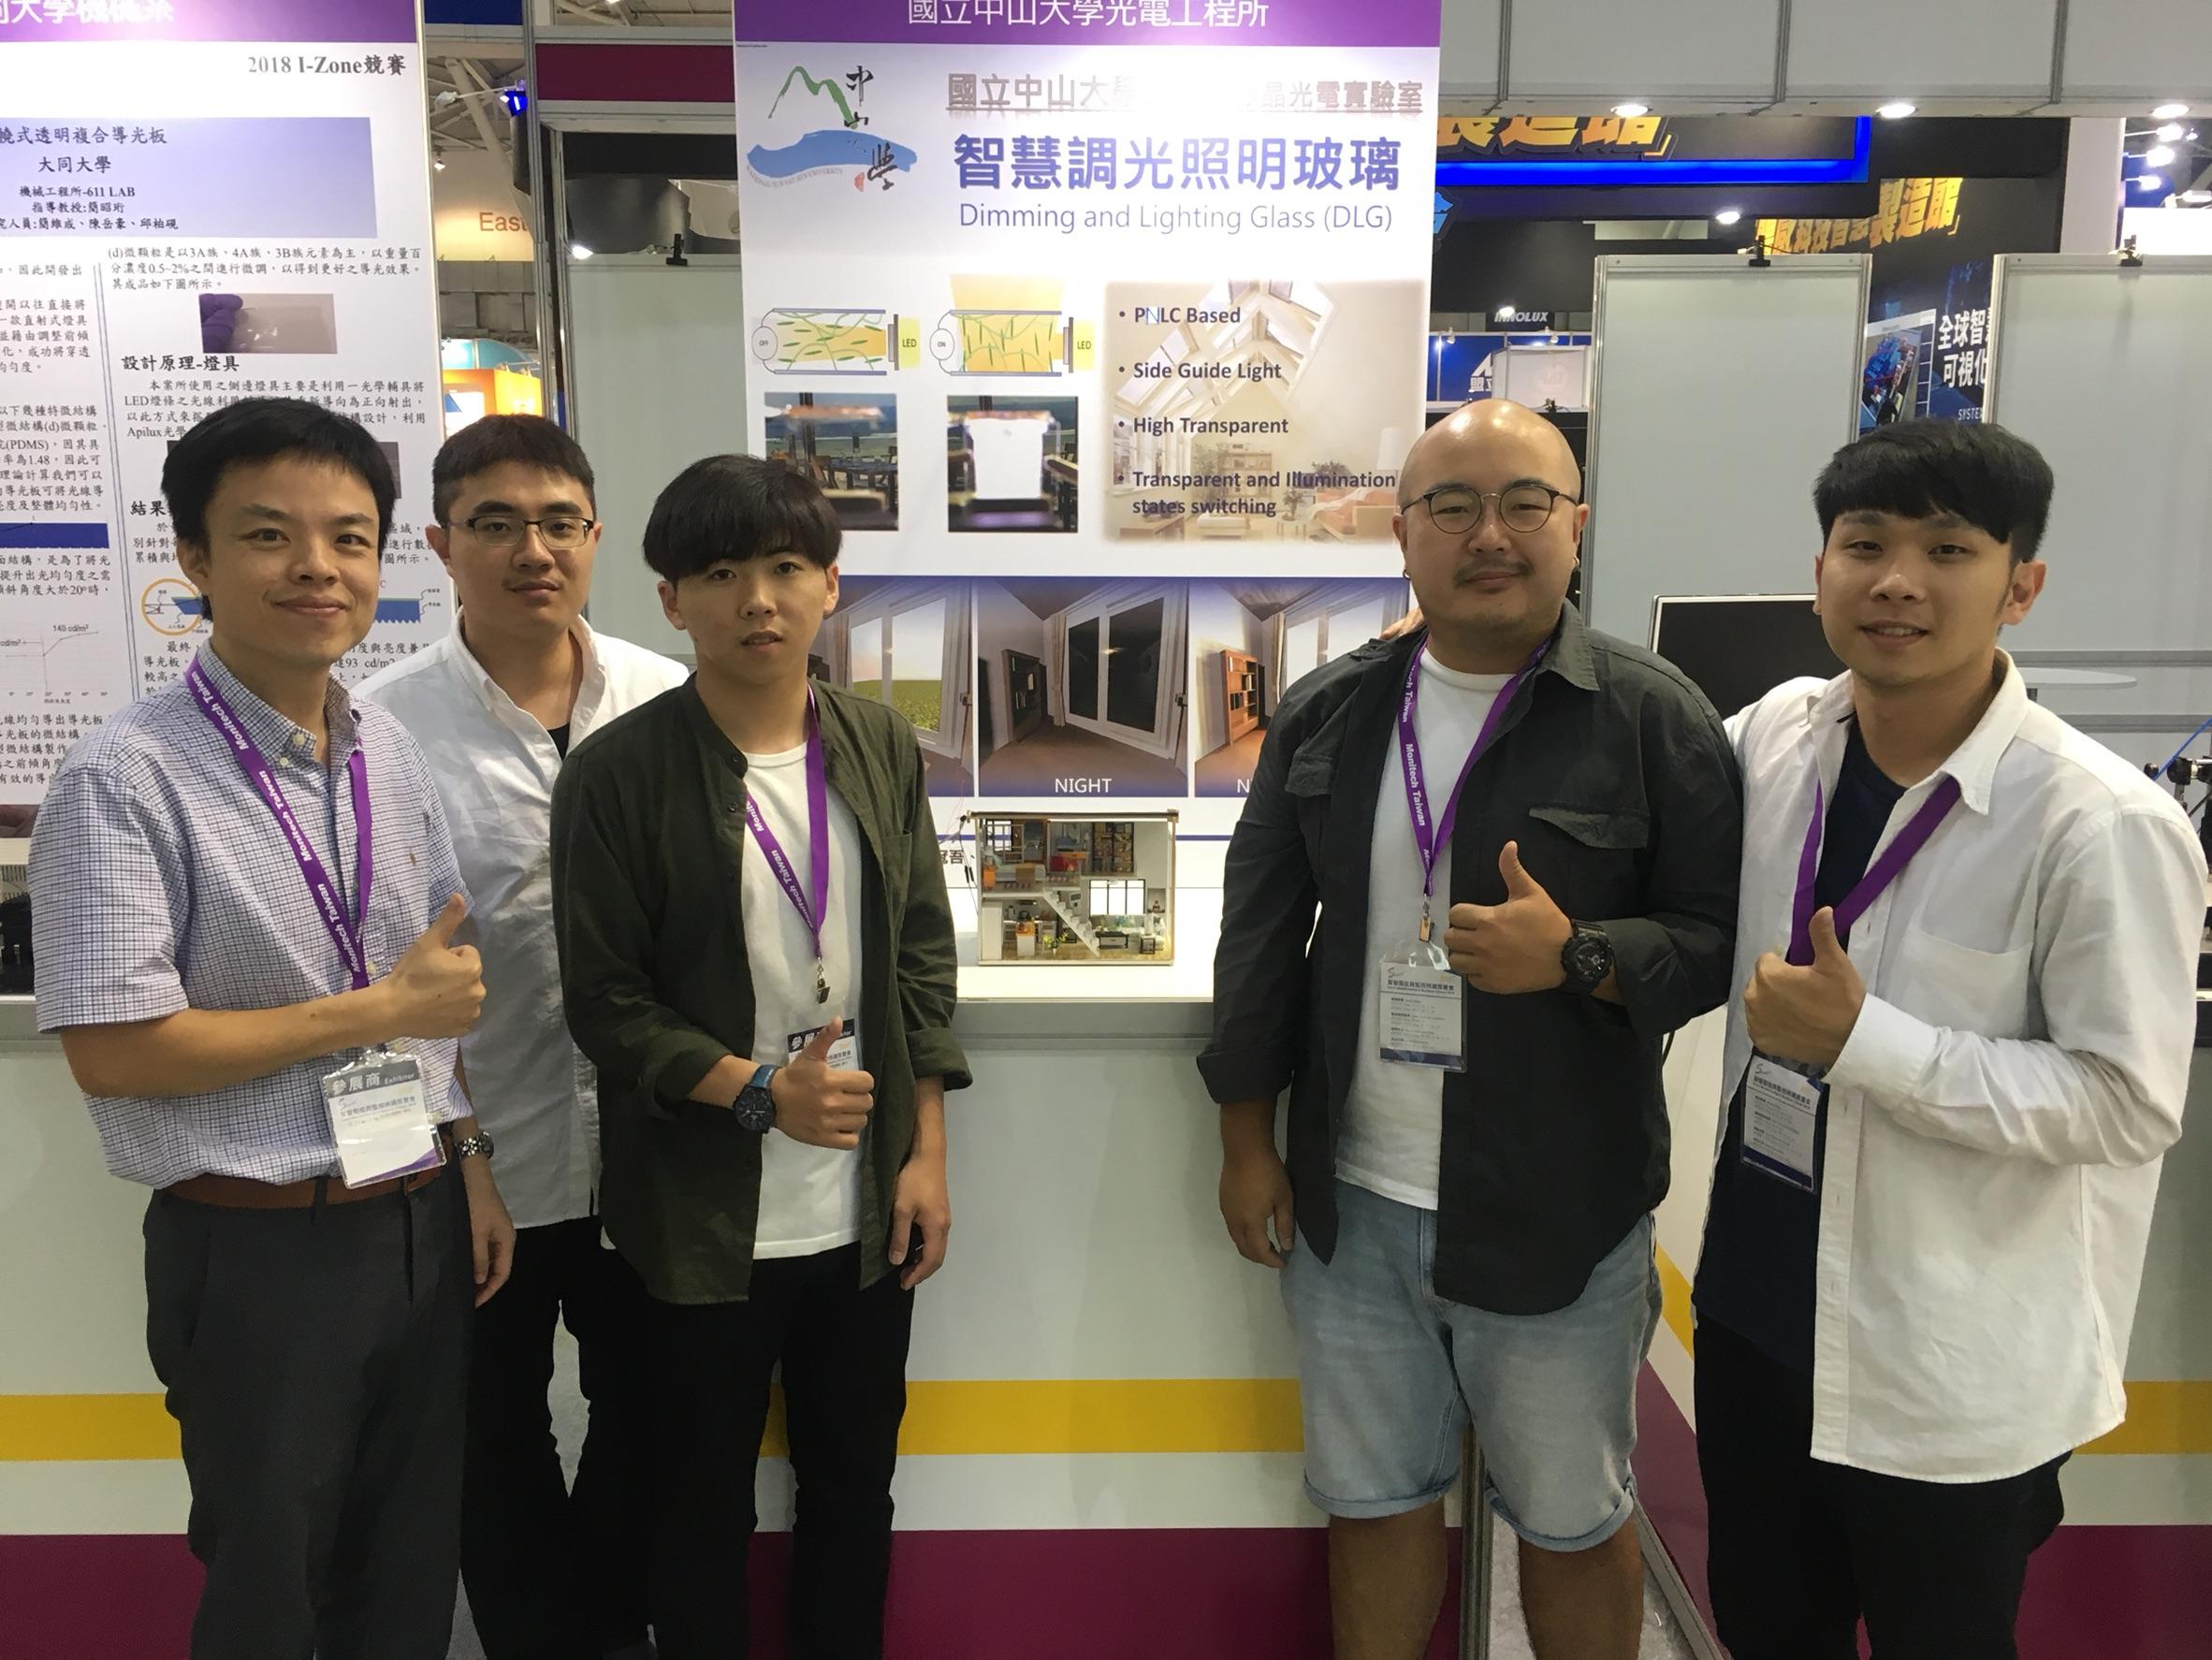 團隊成員,由左至右分別為林宗賢教授、林冠吾、張立旻、曾衡逸與李承璋